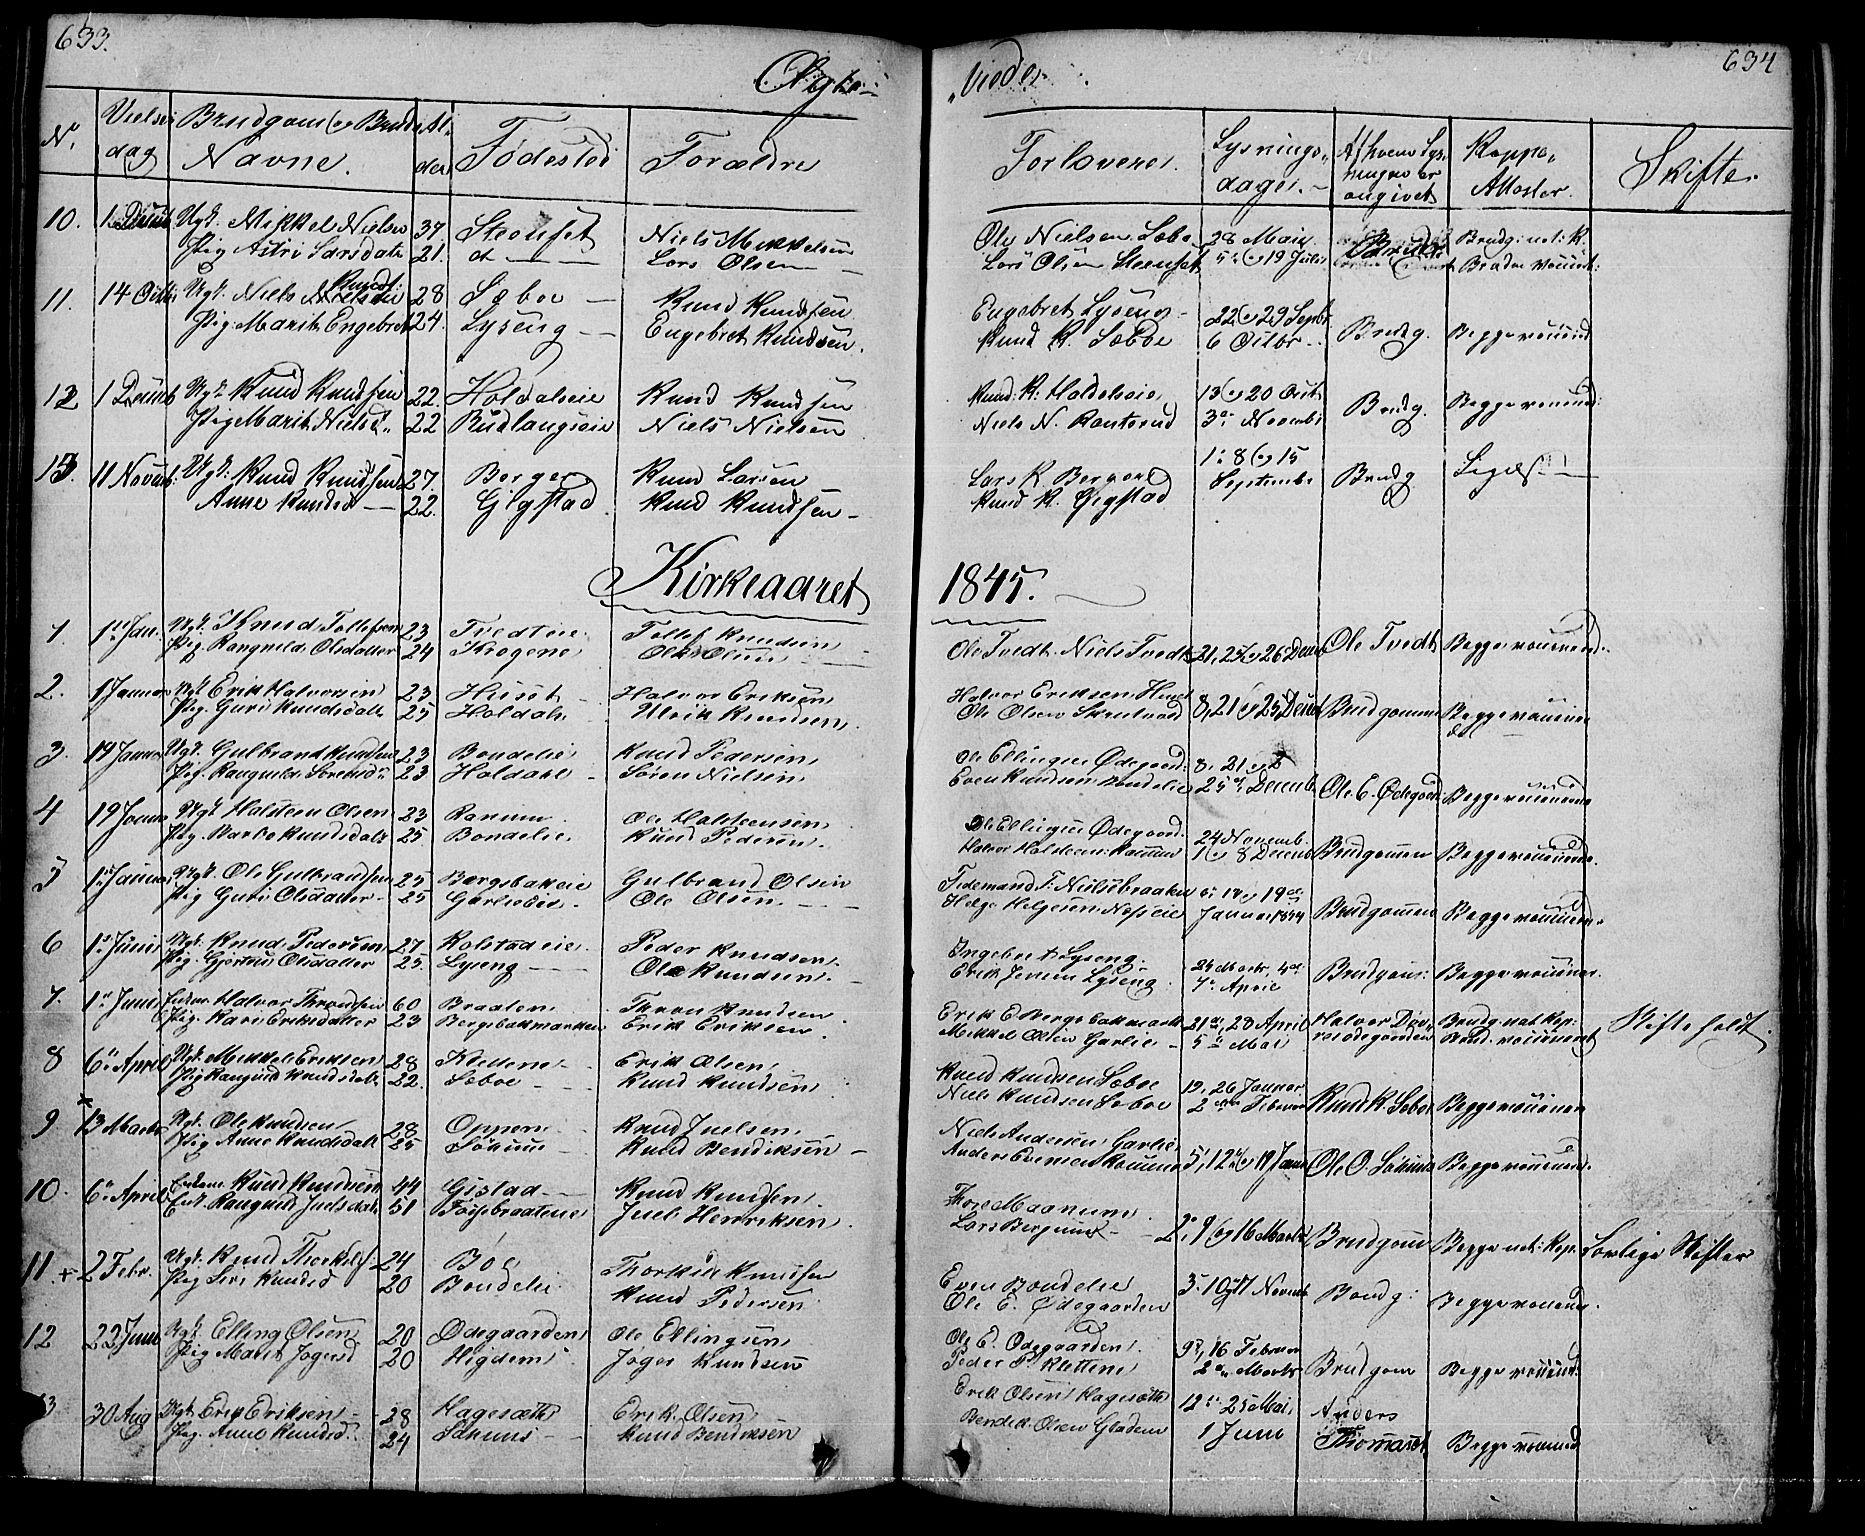 SAH, Nord-Aurdal prestekontor, Klokkerbok nr. 1, 1834-1887, s. 633-634